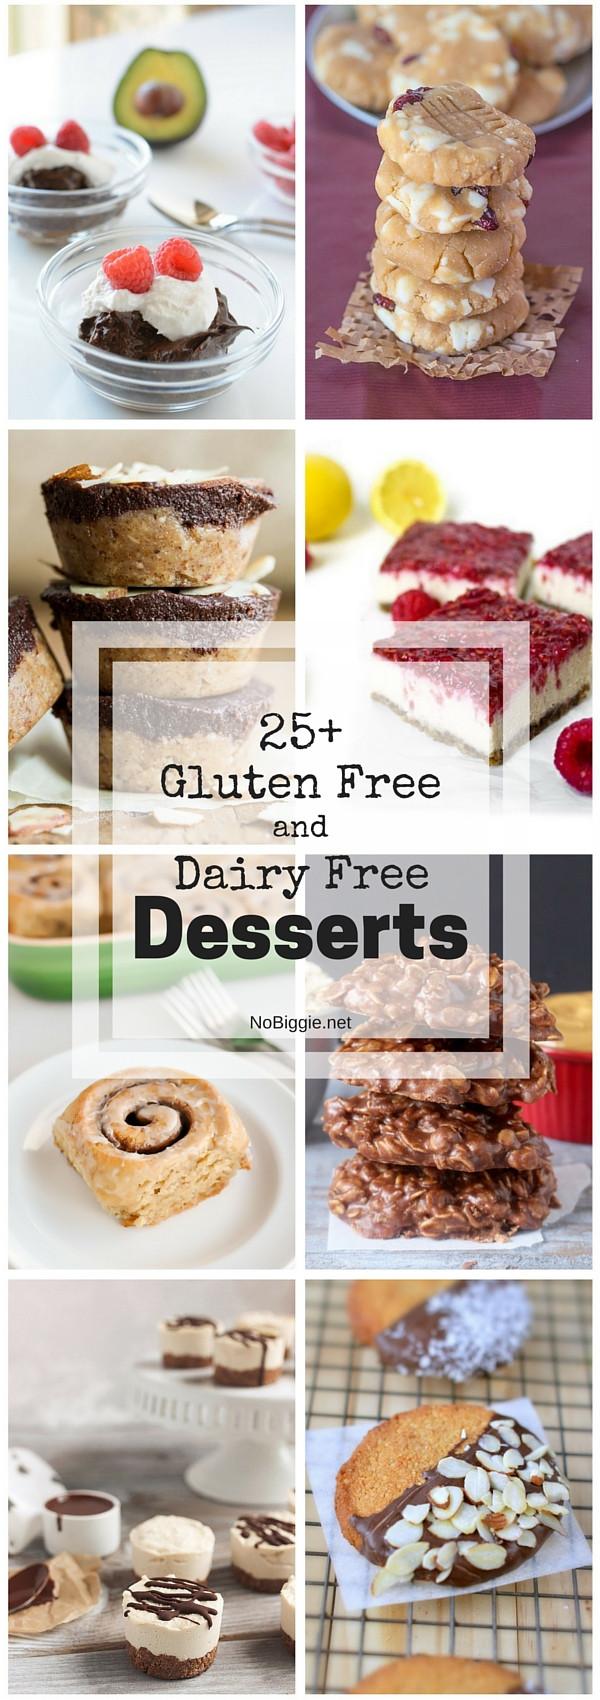 Gluten Free And Dairy Free Desserts  25 Gluten Free and Dairy Free Desserts